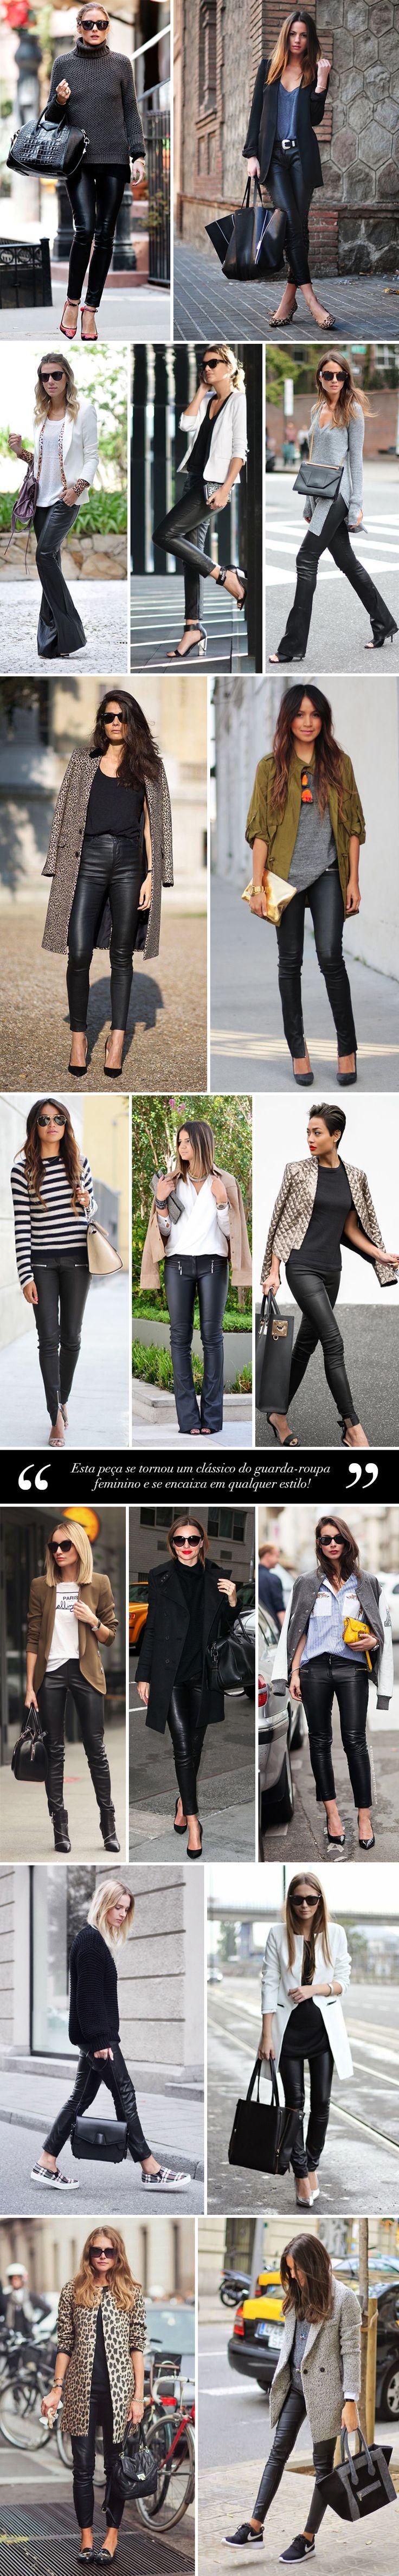 Calça de couro preta: peça coringa! - Estilo Meu / leather pants / calça de couro / estilo / stylish / winter / casual looks / outfits